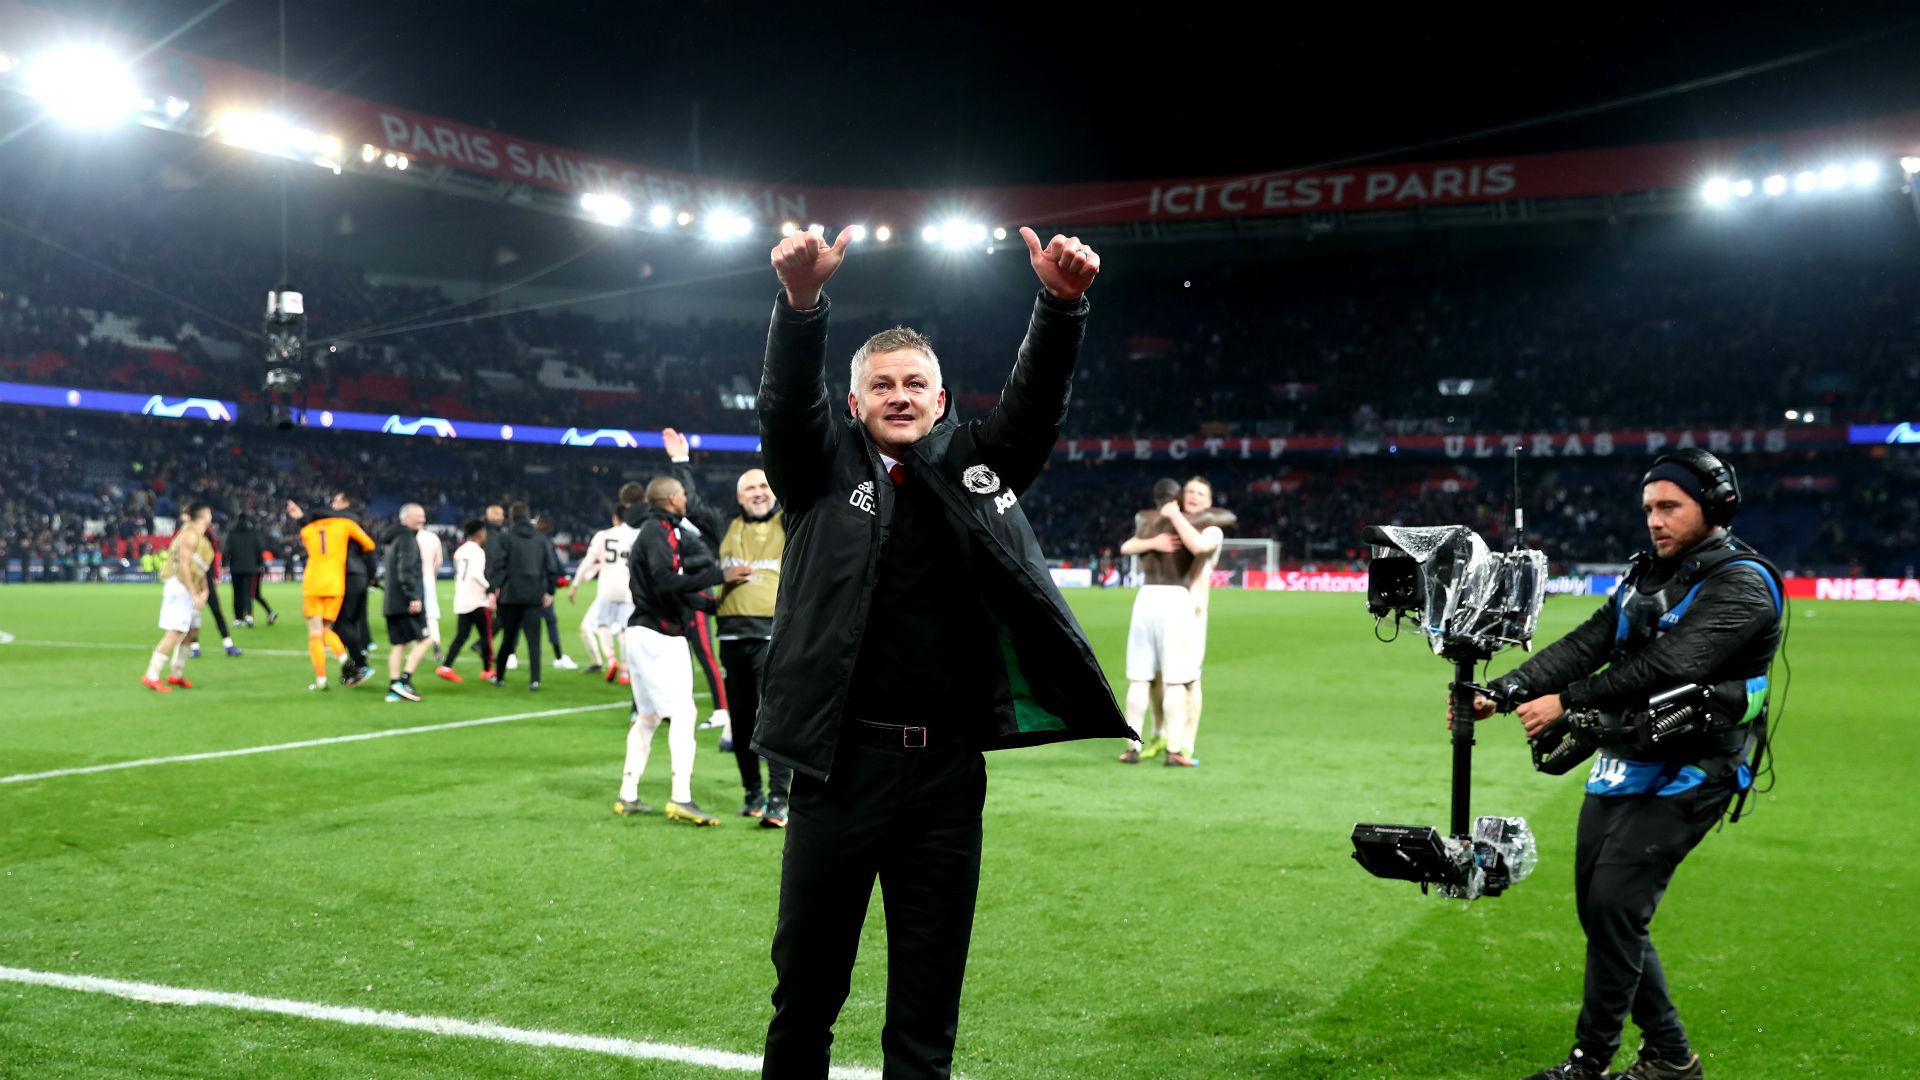 Solskjaer targets Premier League title for Manchester United